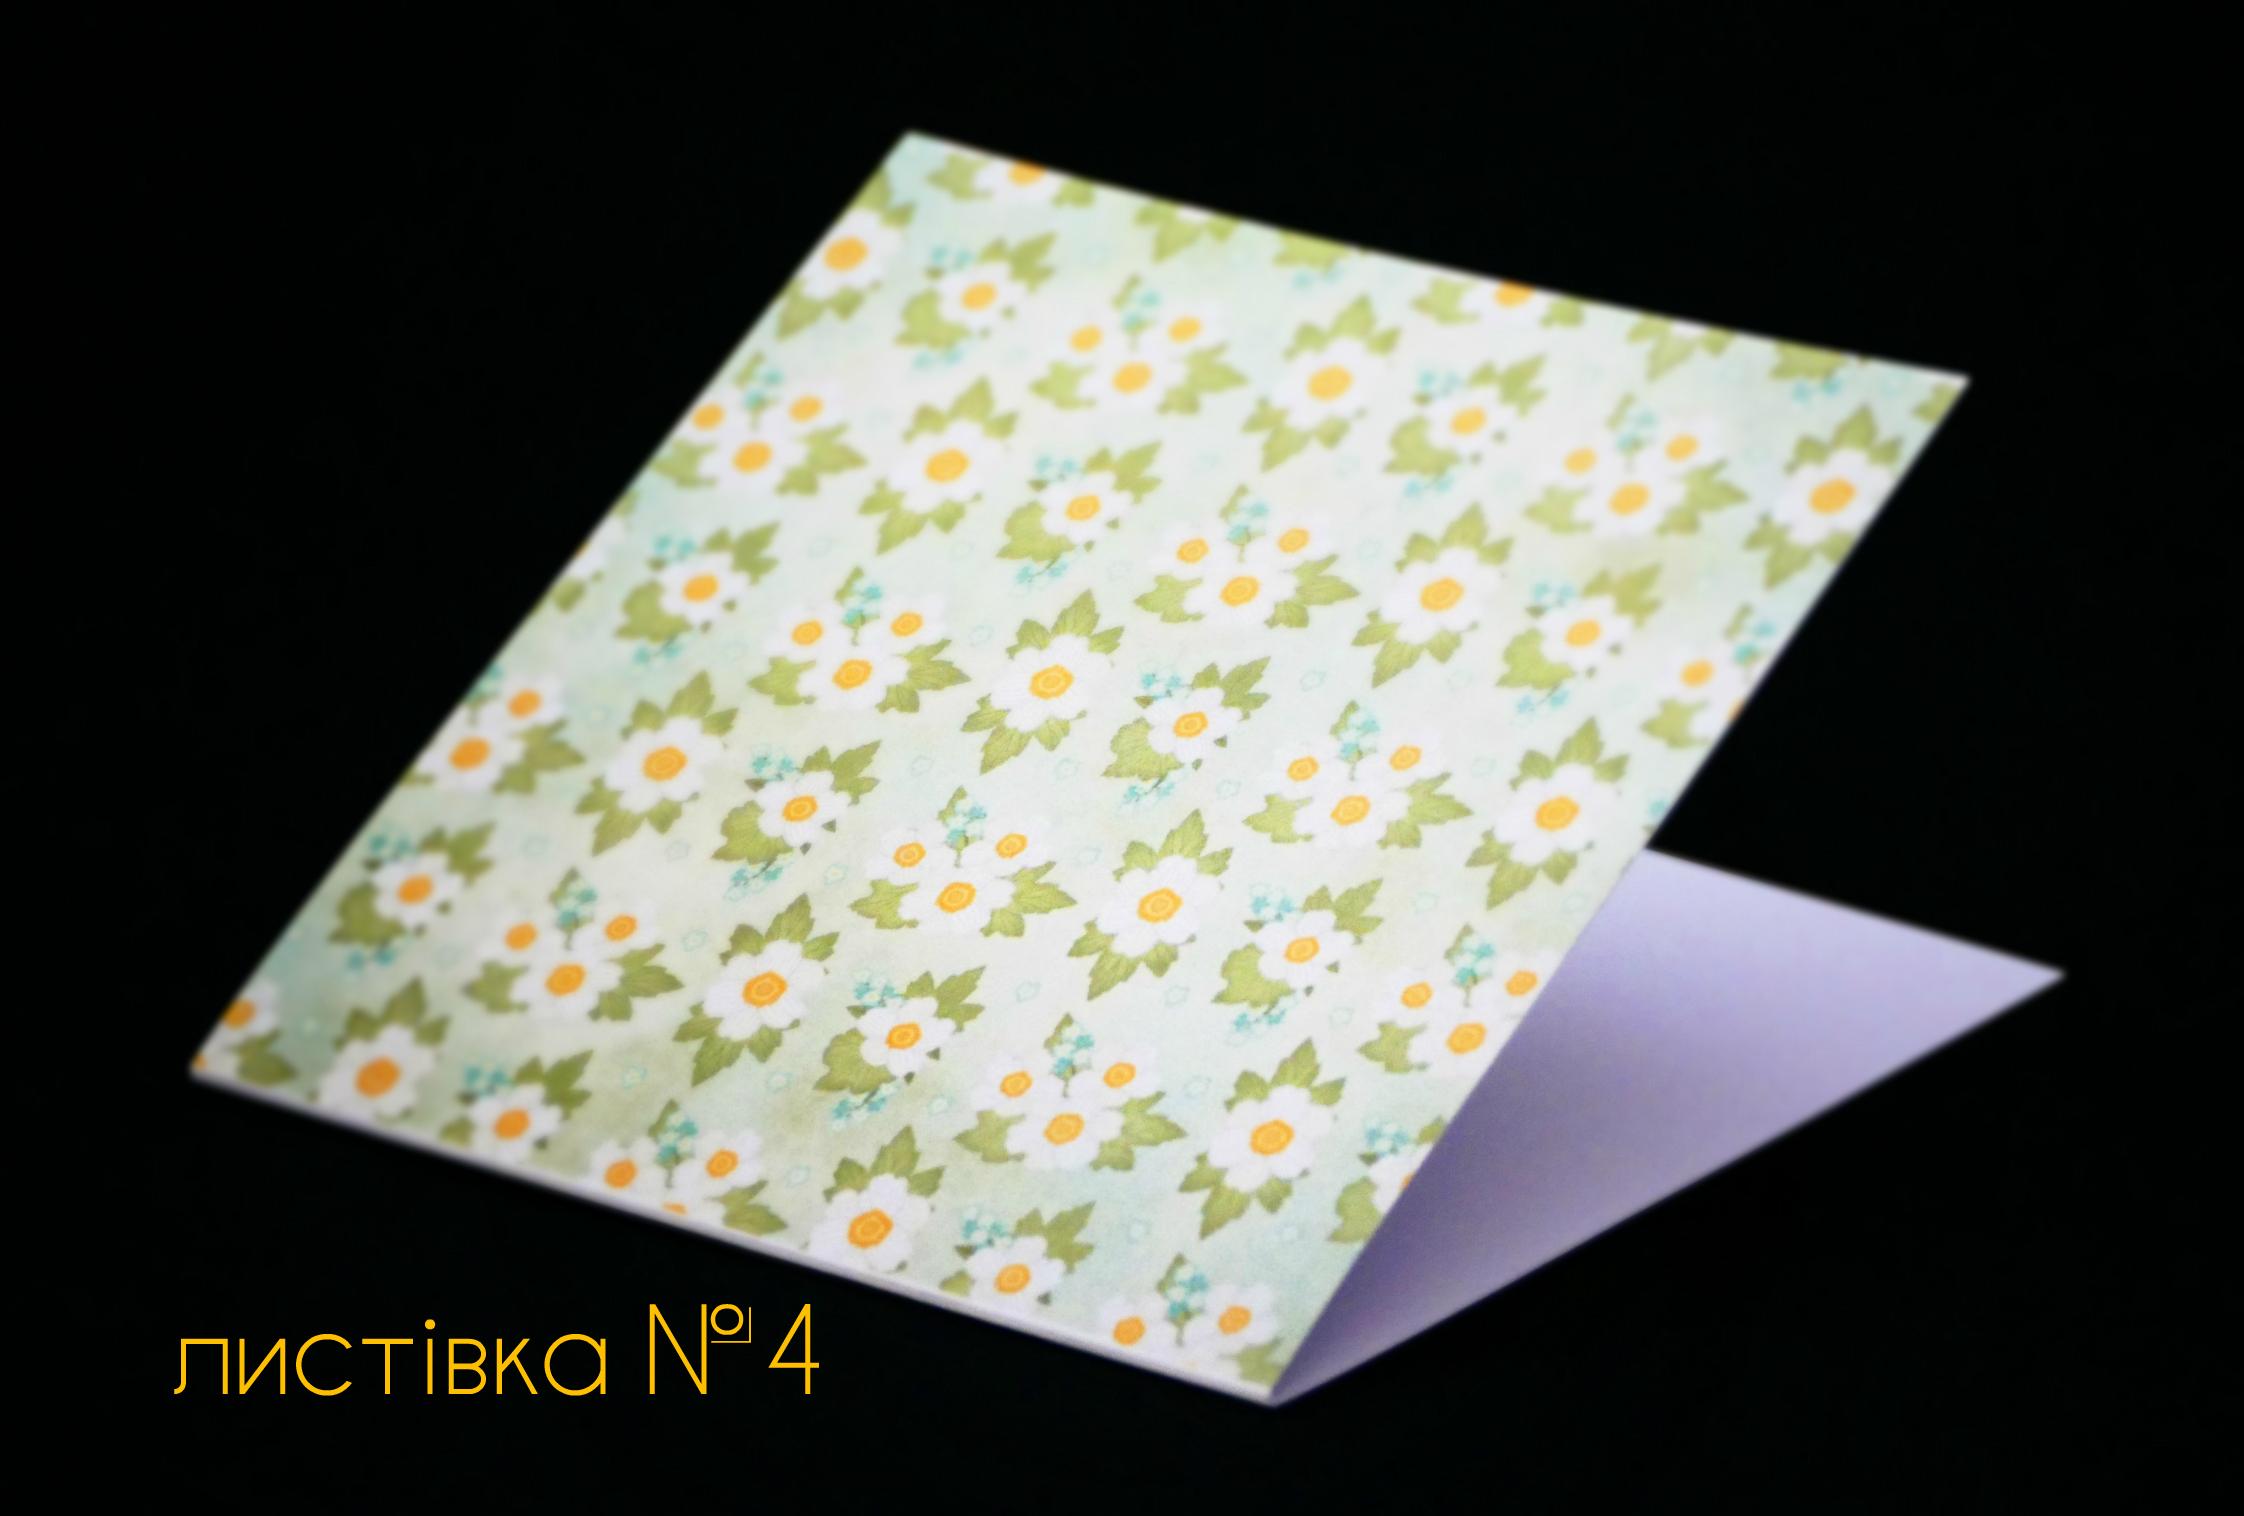 весняна листівка ТМ Від Юрка Вербила 4 з написом.jpg